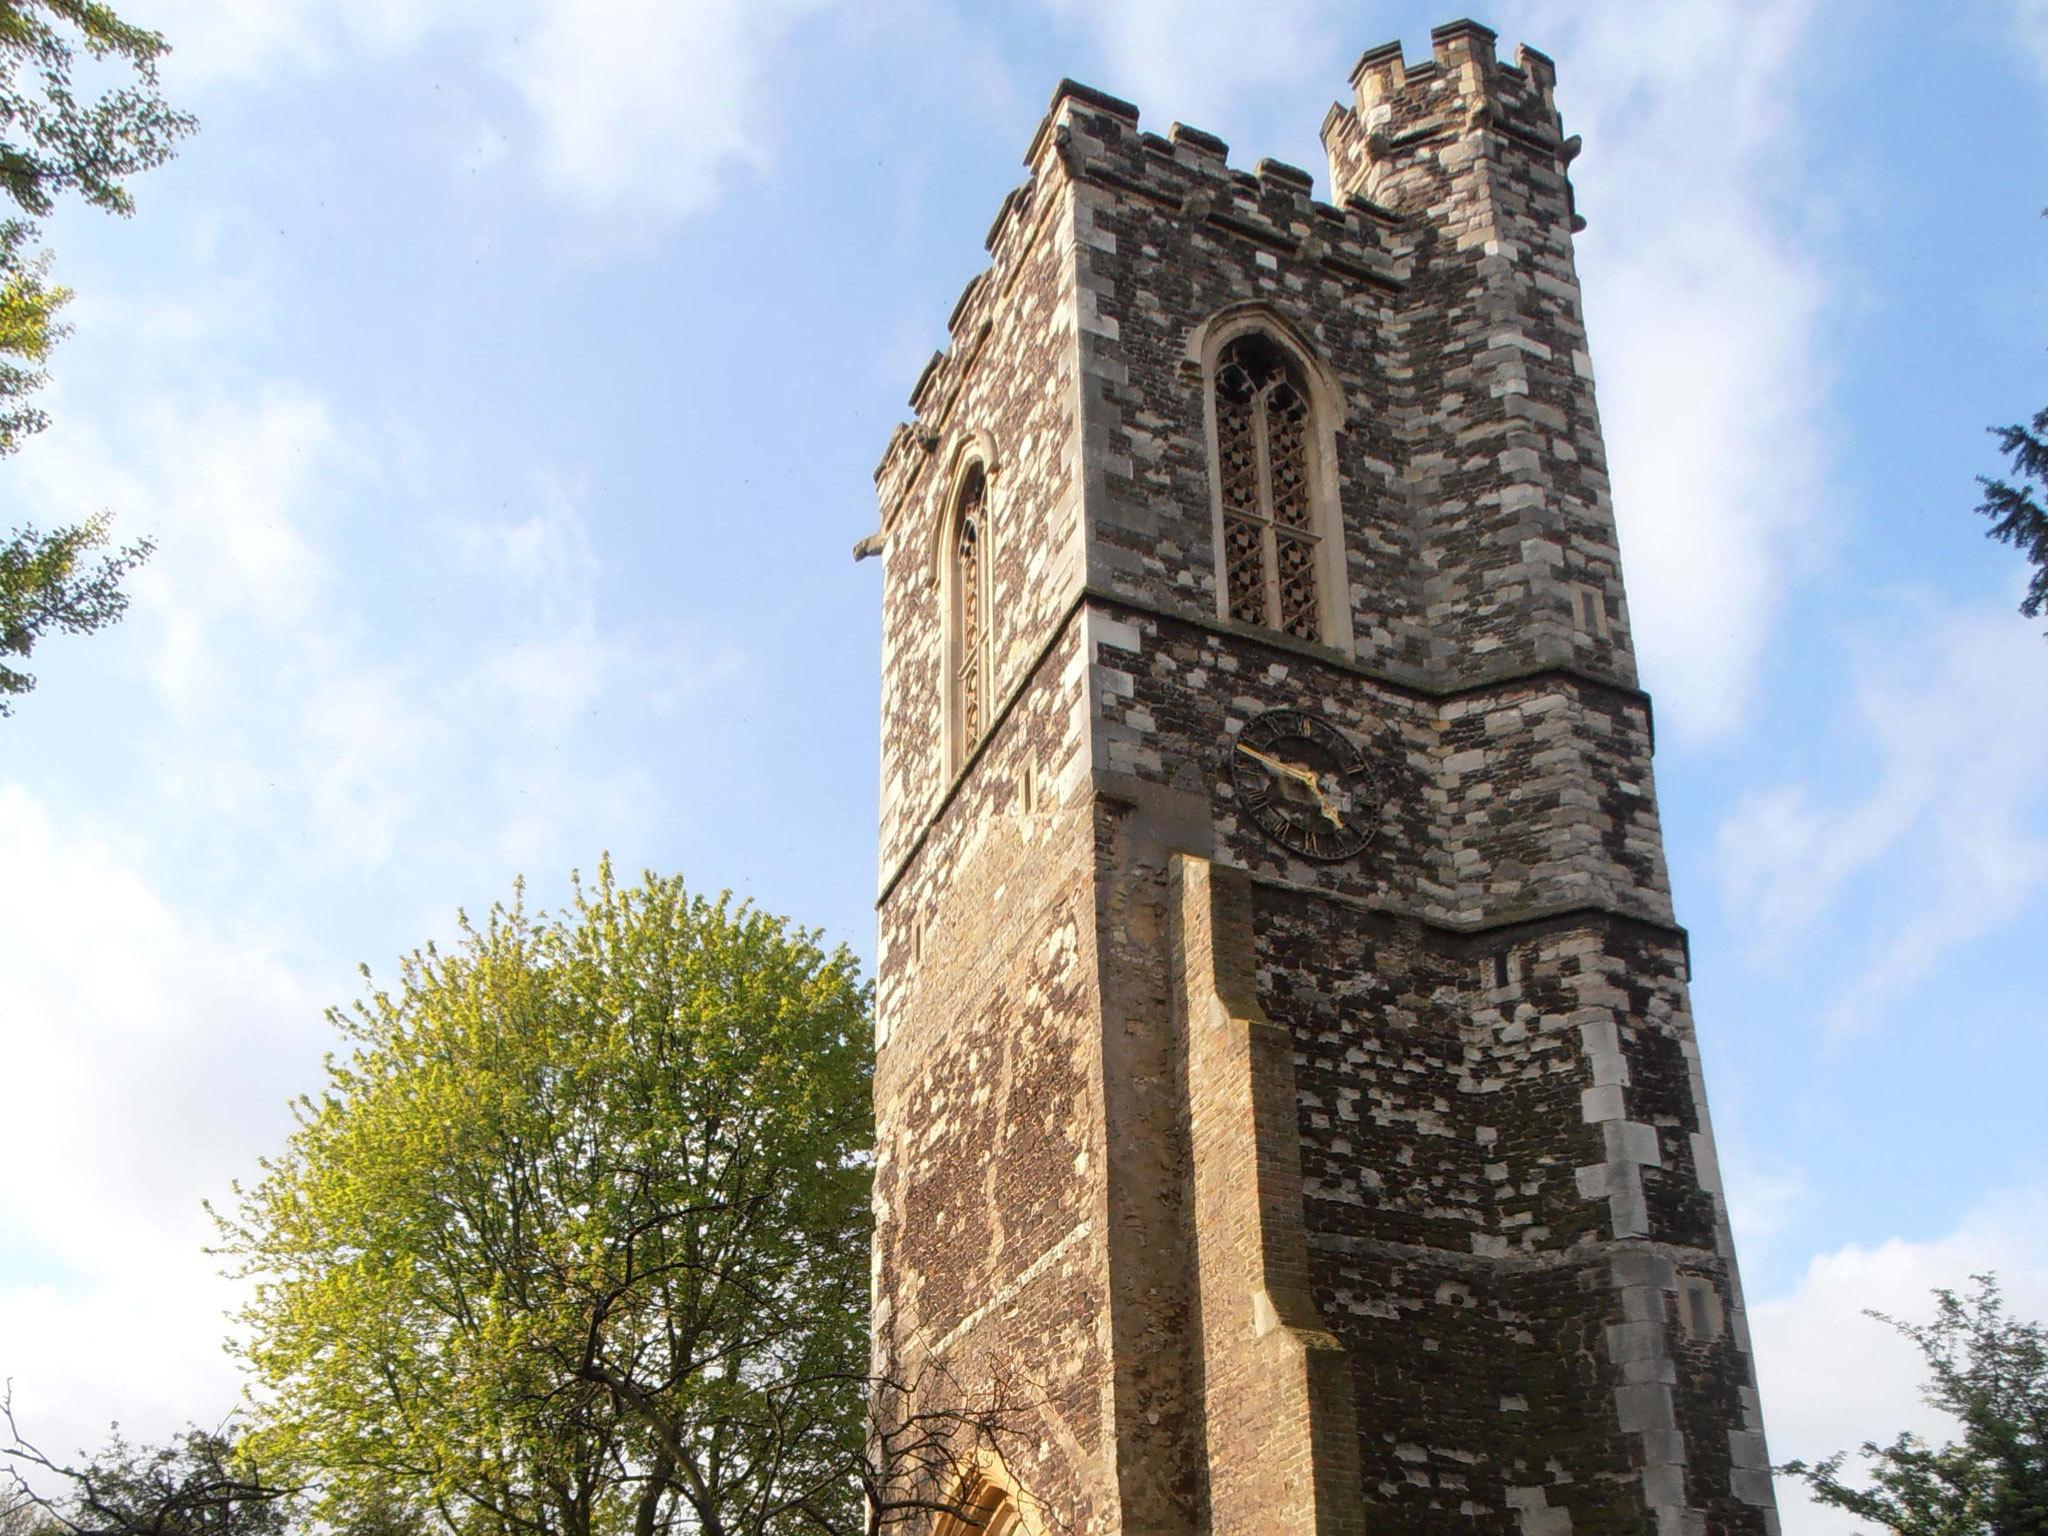 St Marys Hornsey